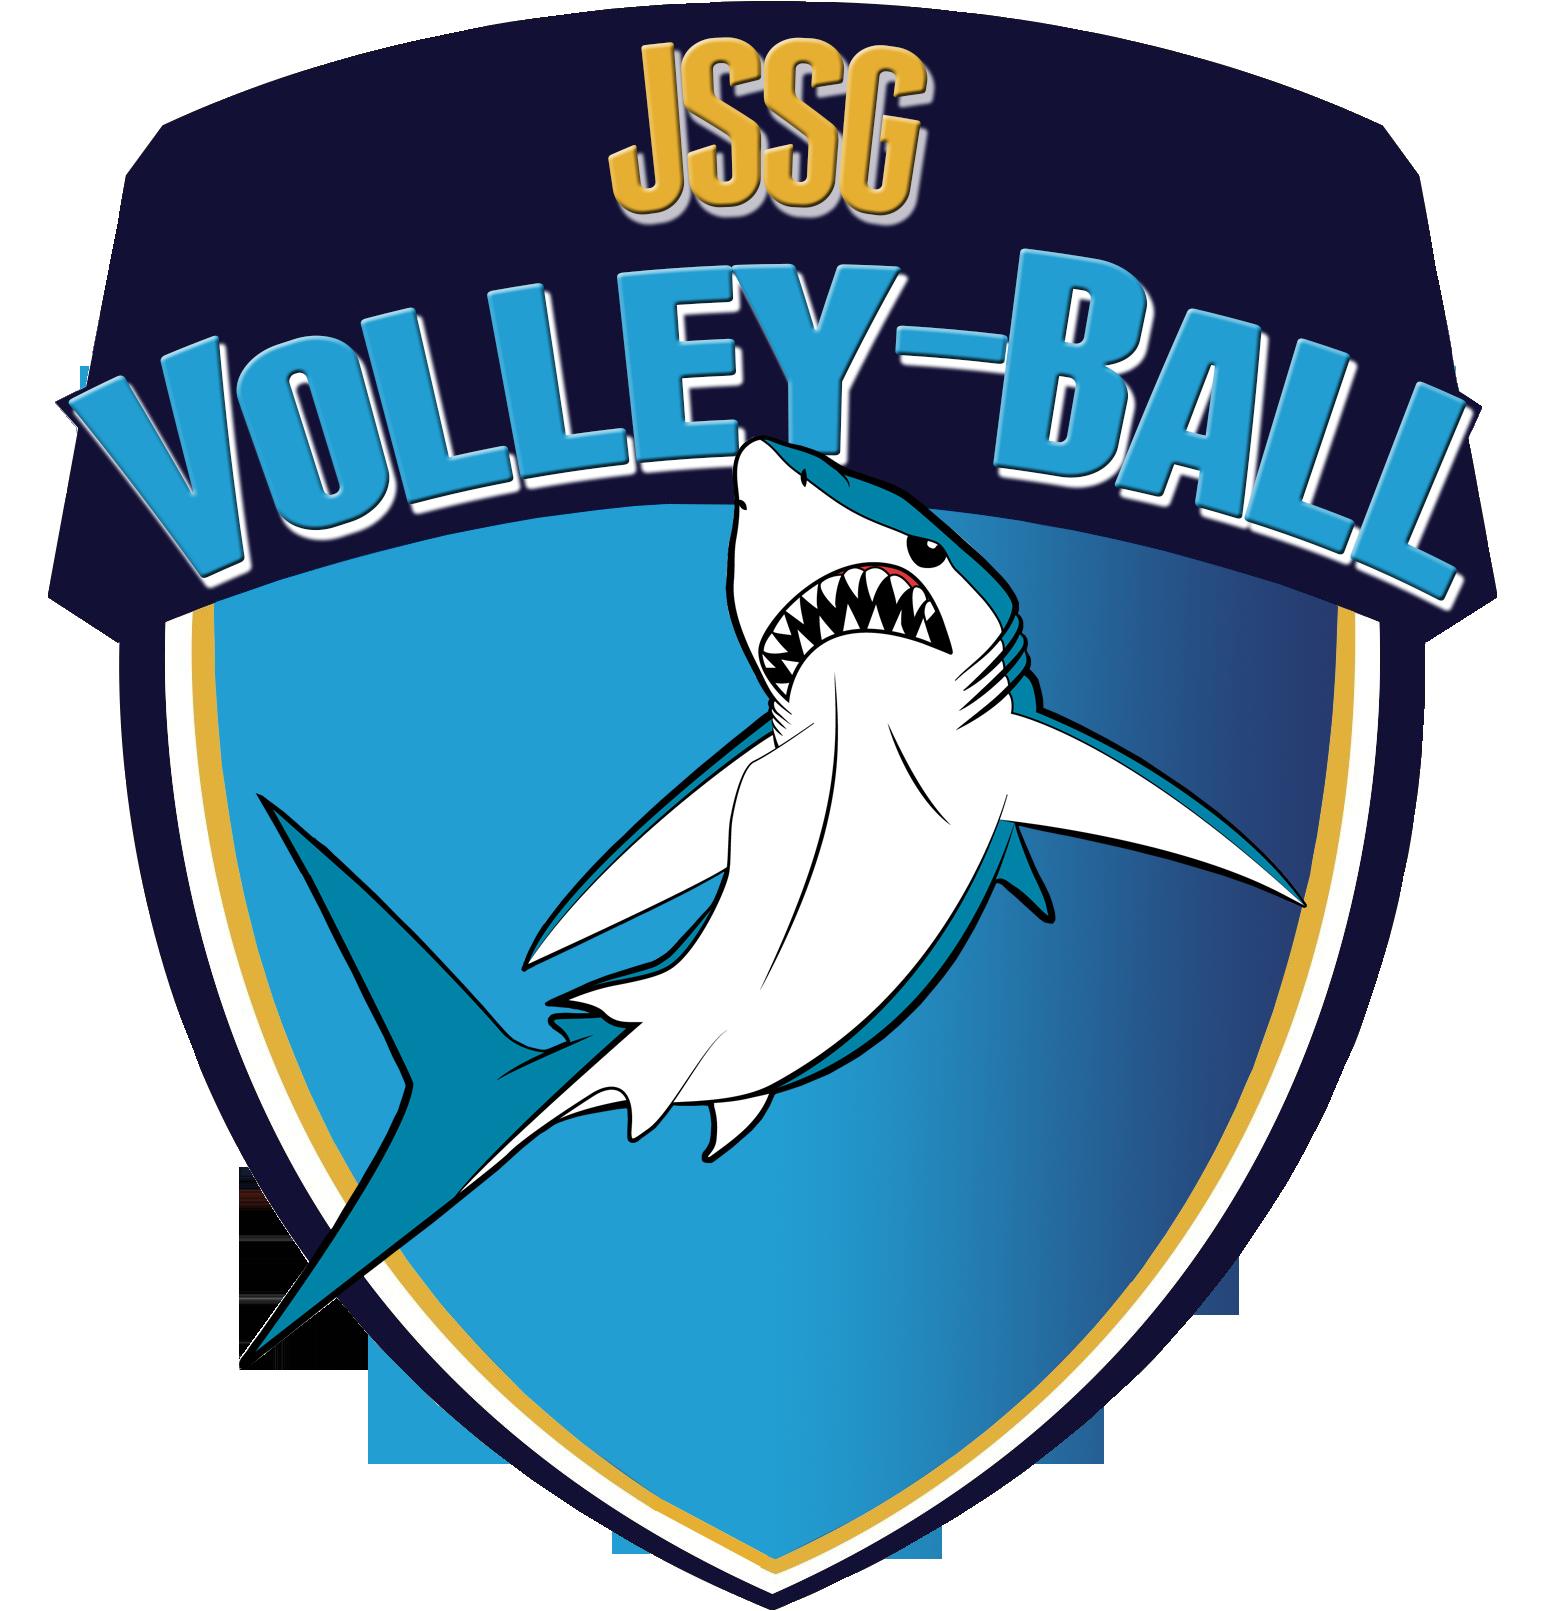 JSSG VOLLEY BALL